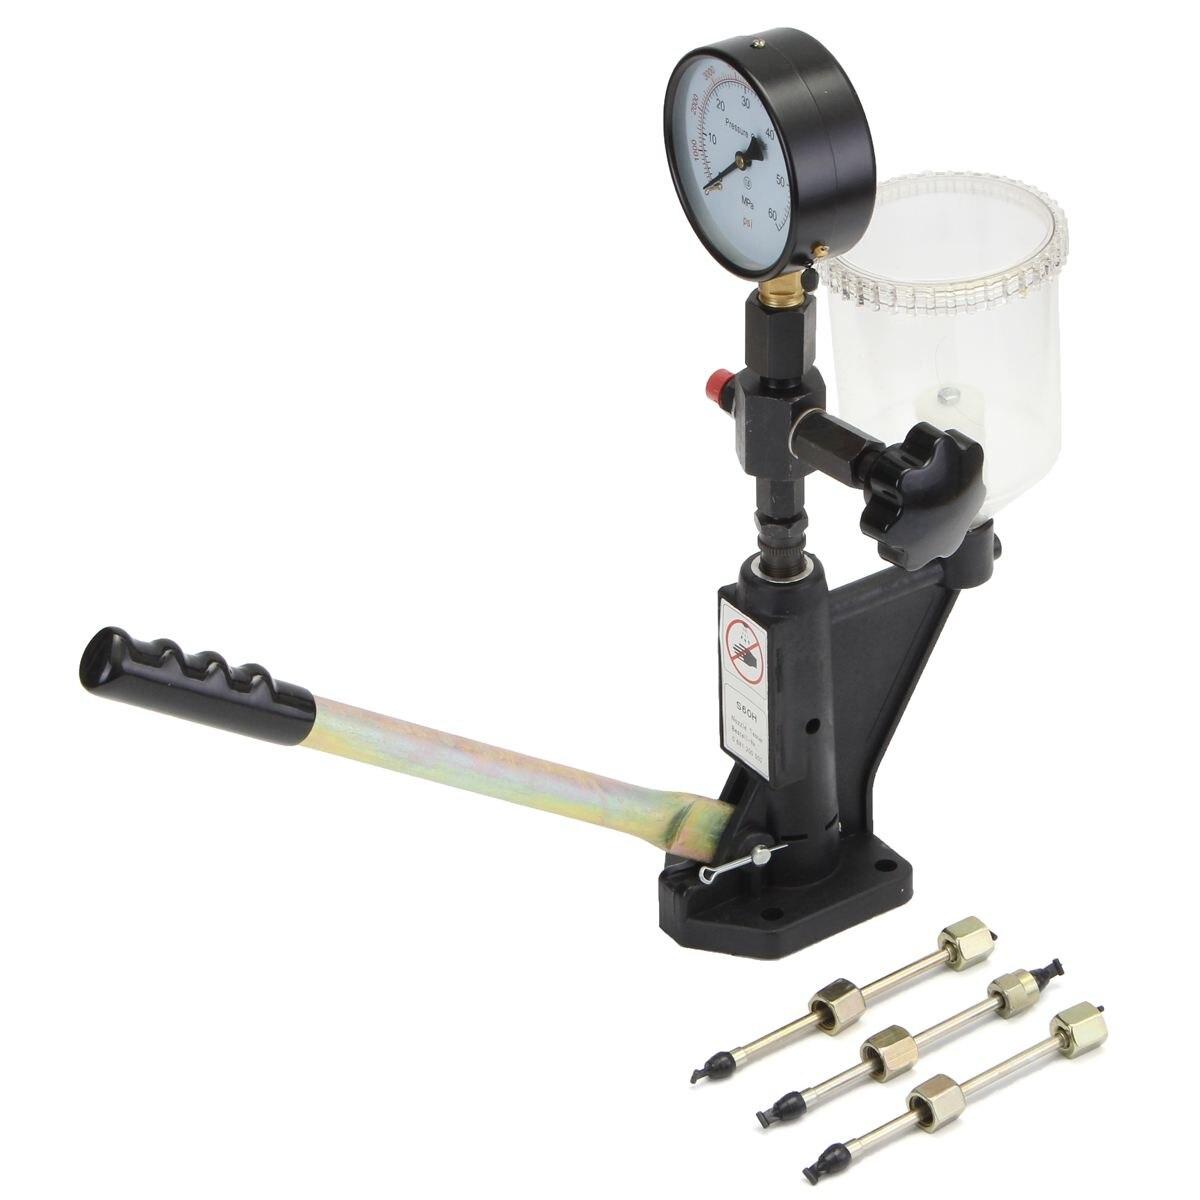 0-400 barre commune Rail outil injecteur de carburant Max 60 Mpa buse Pop pression testeur calibrateur double échelle jauge Diagnostic métal